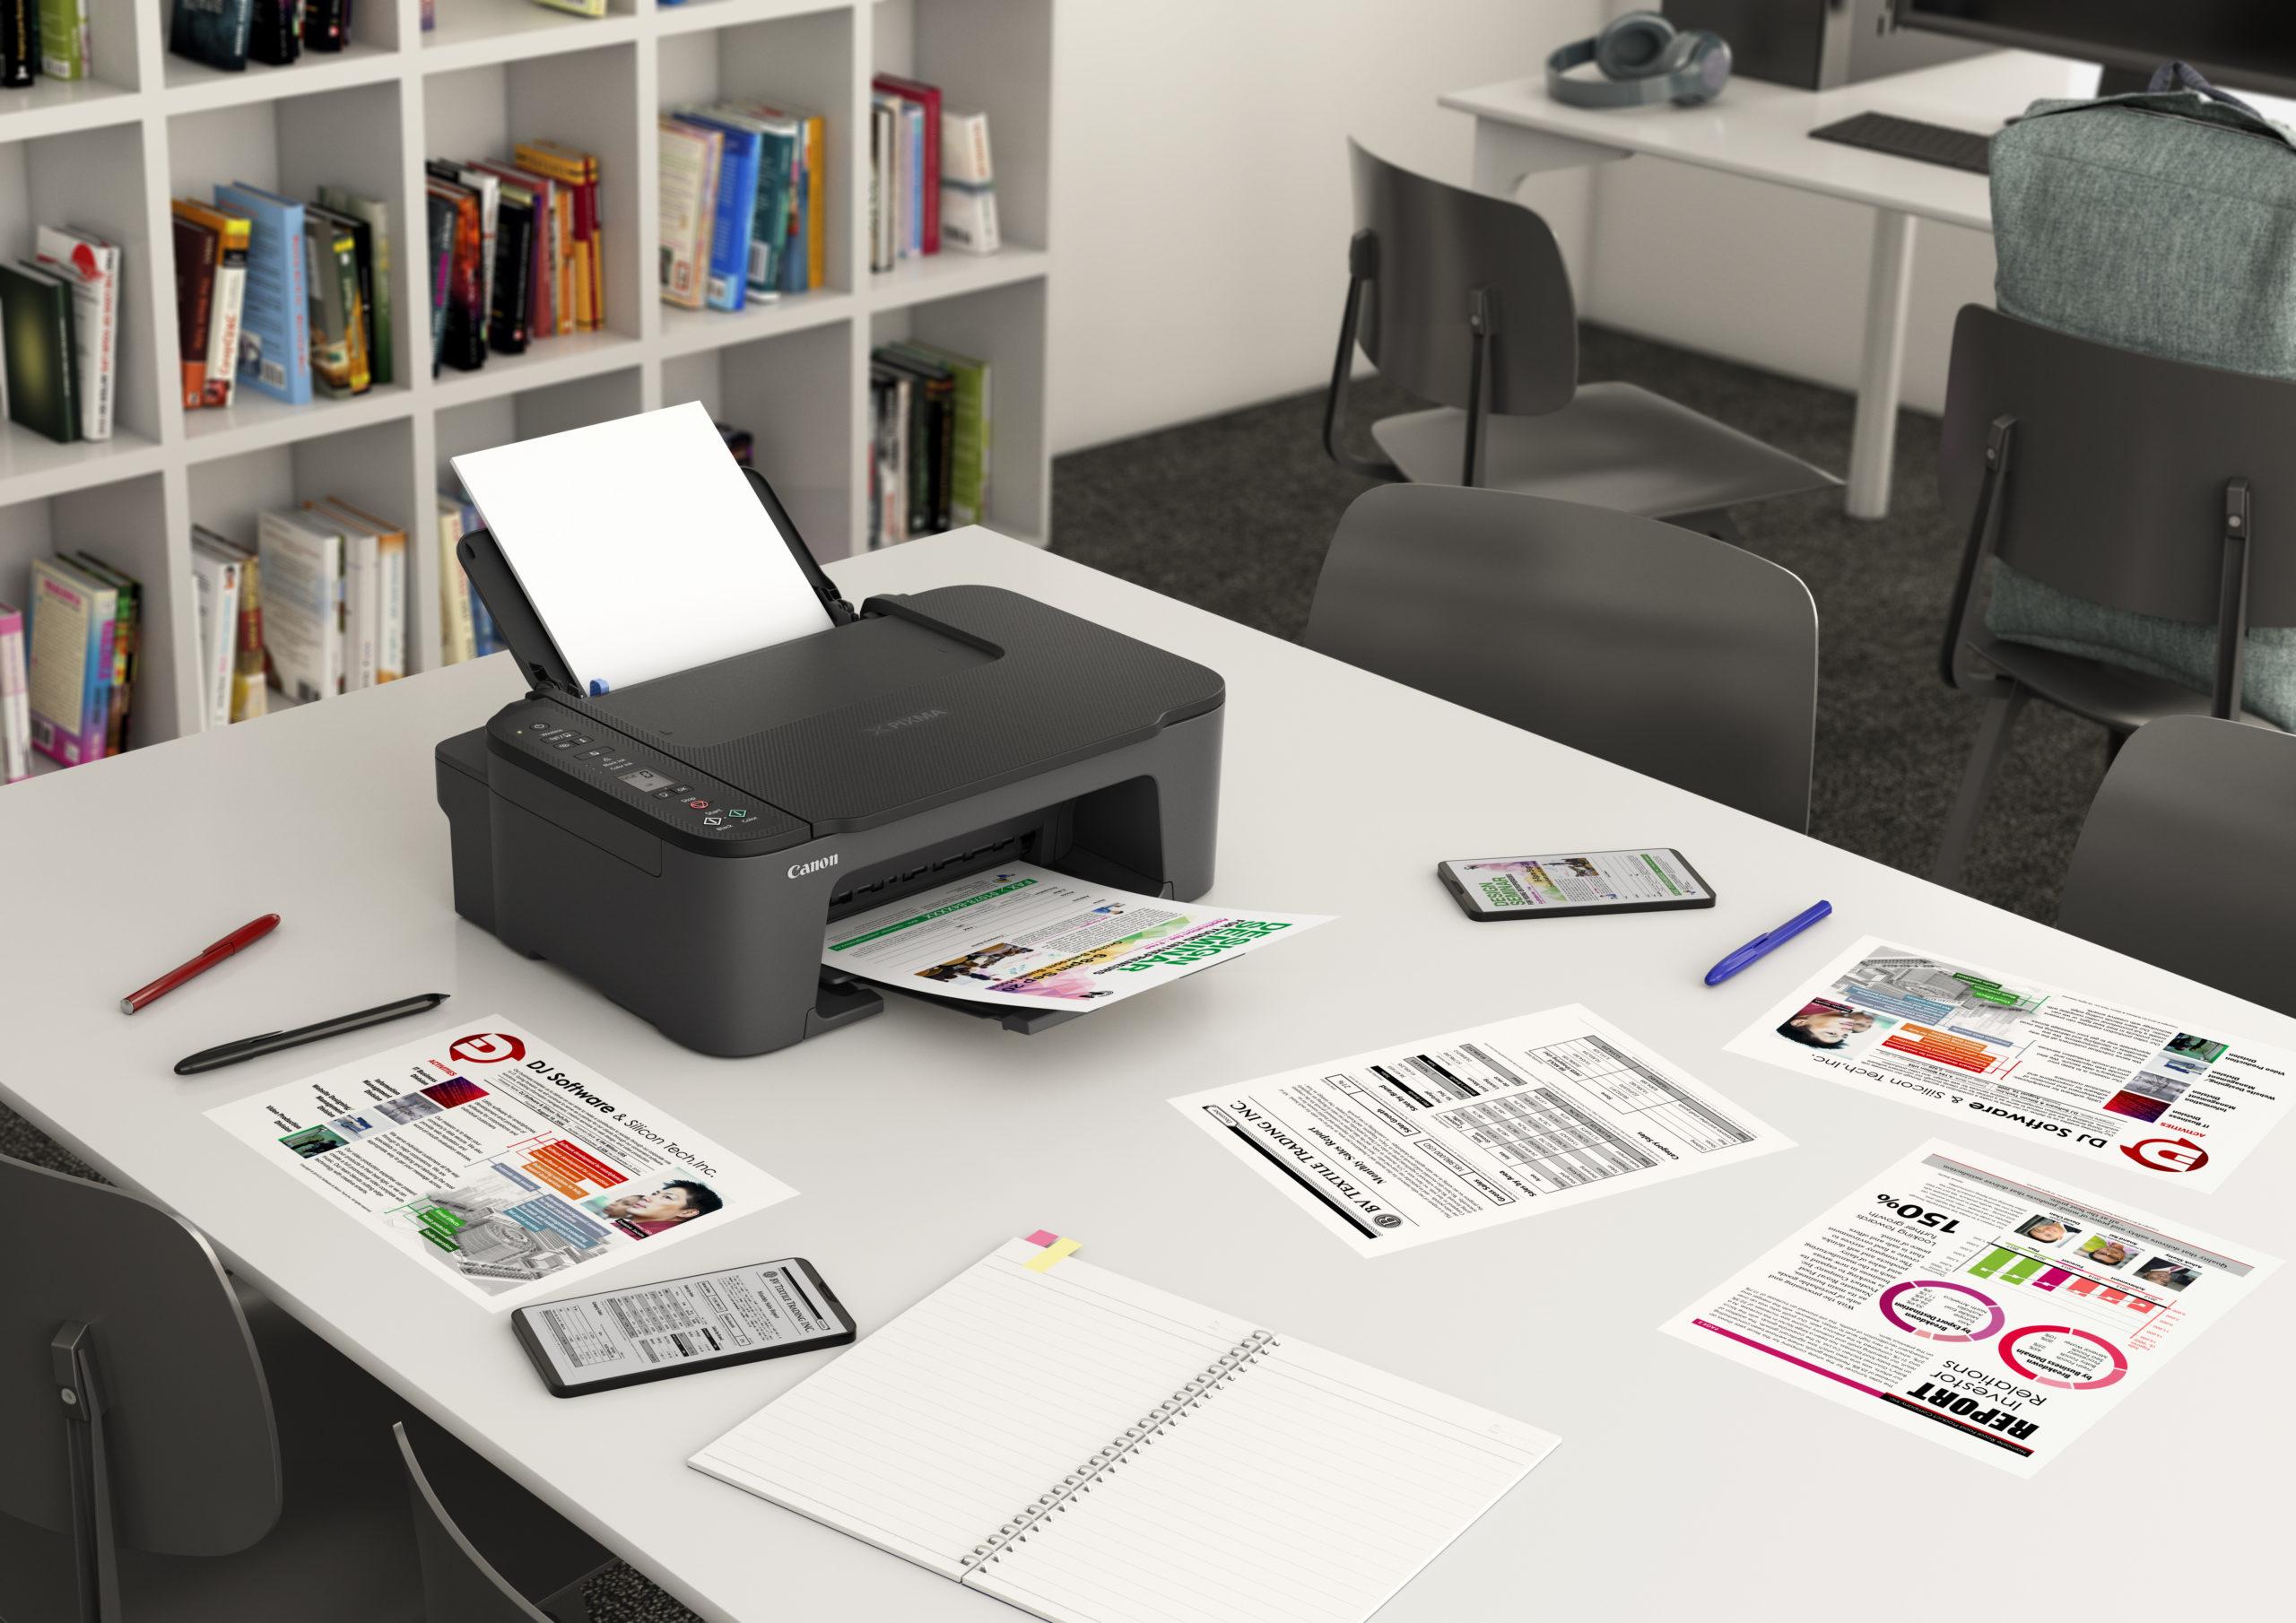 Принтер начального уровня Canon PIXMA TS3440